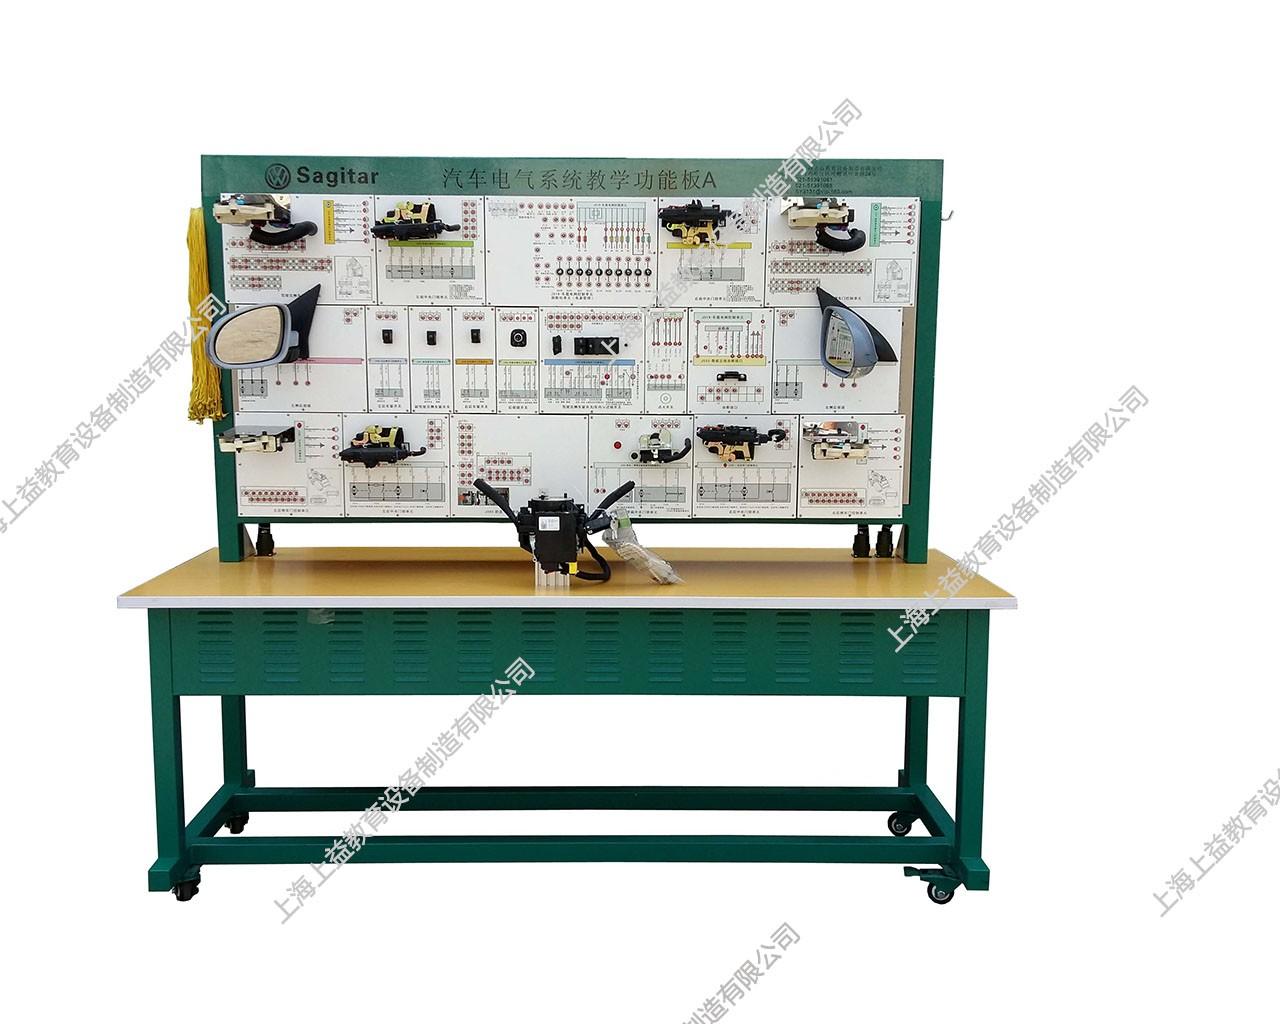 汽车车身CAN总线网络系统wwwlehu8vip台(比赛电气系统教学功能A板)(大众速腾)